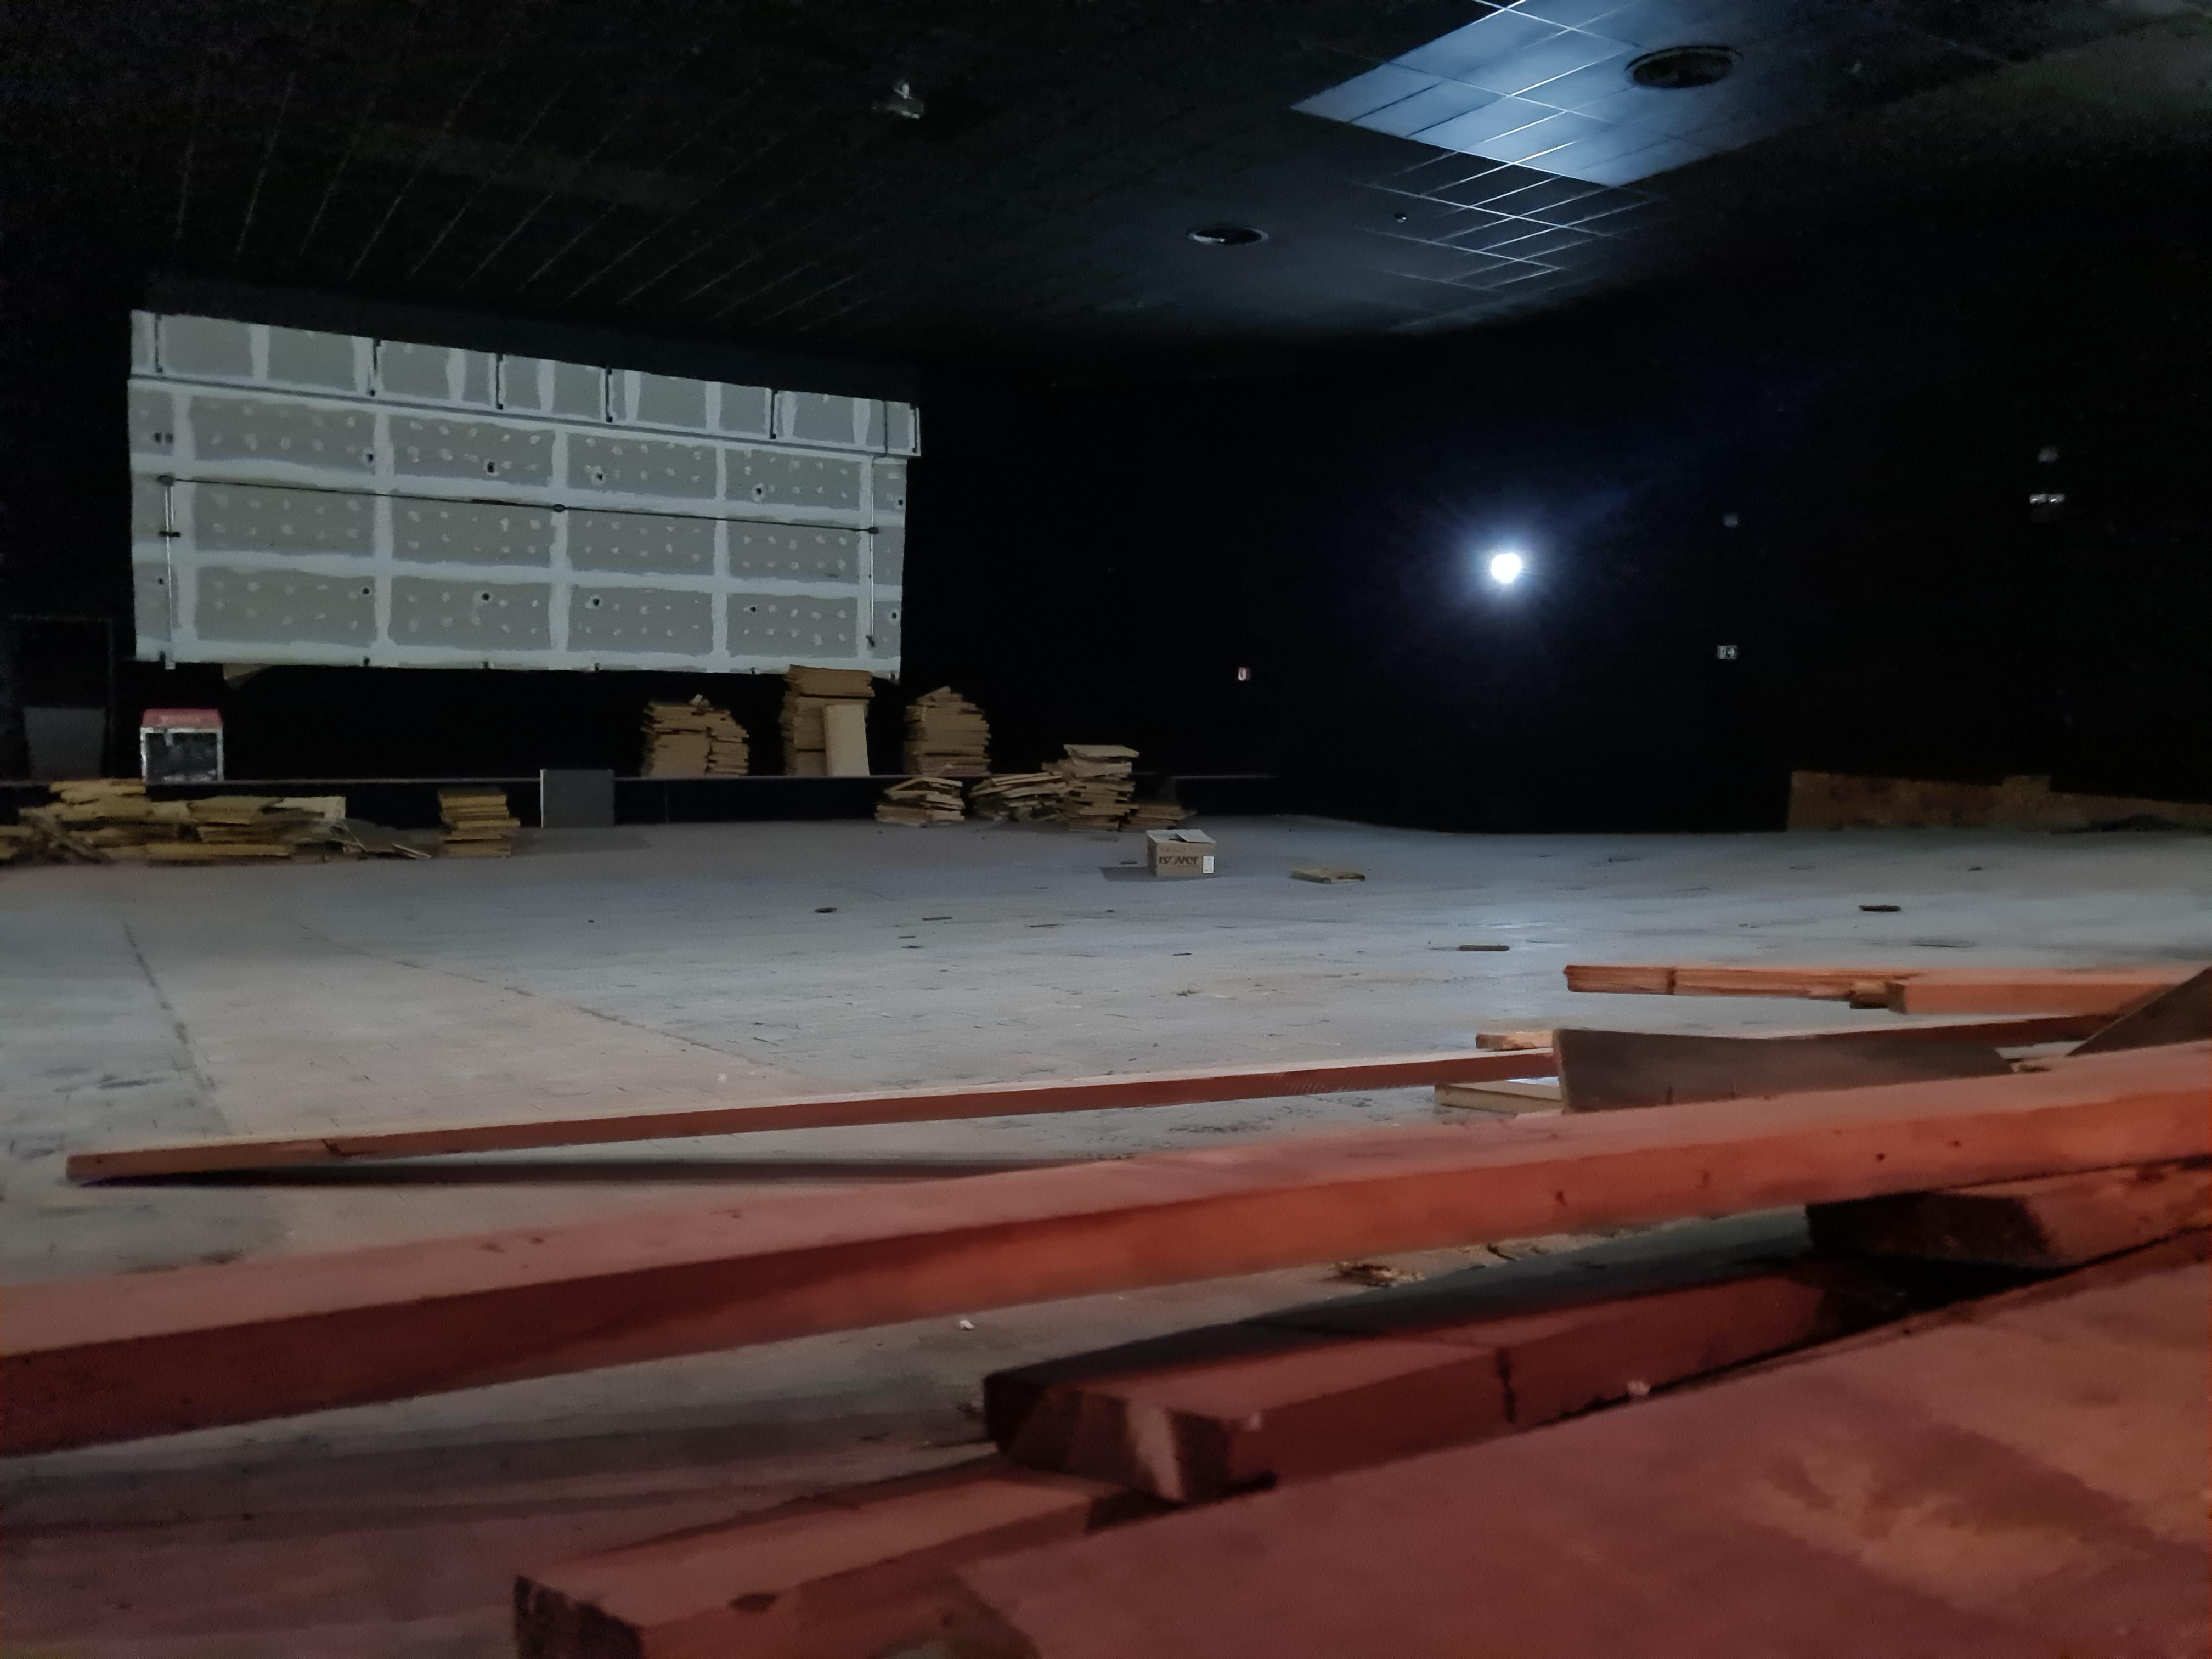 Com meta de 500 000 reais, Cine Marquise aguarda campanha de financiamento coletivo para poder finalizar obras.